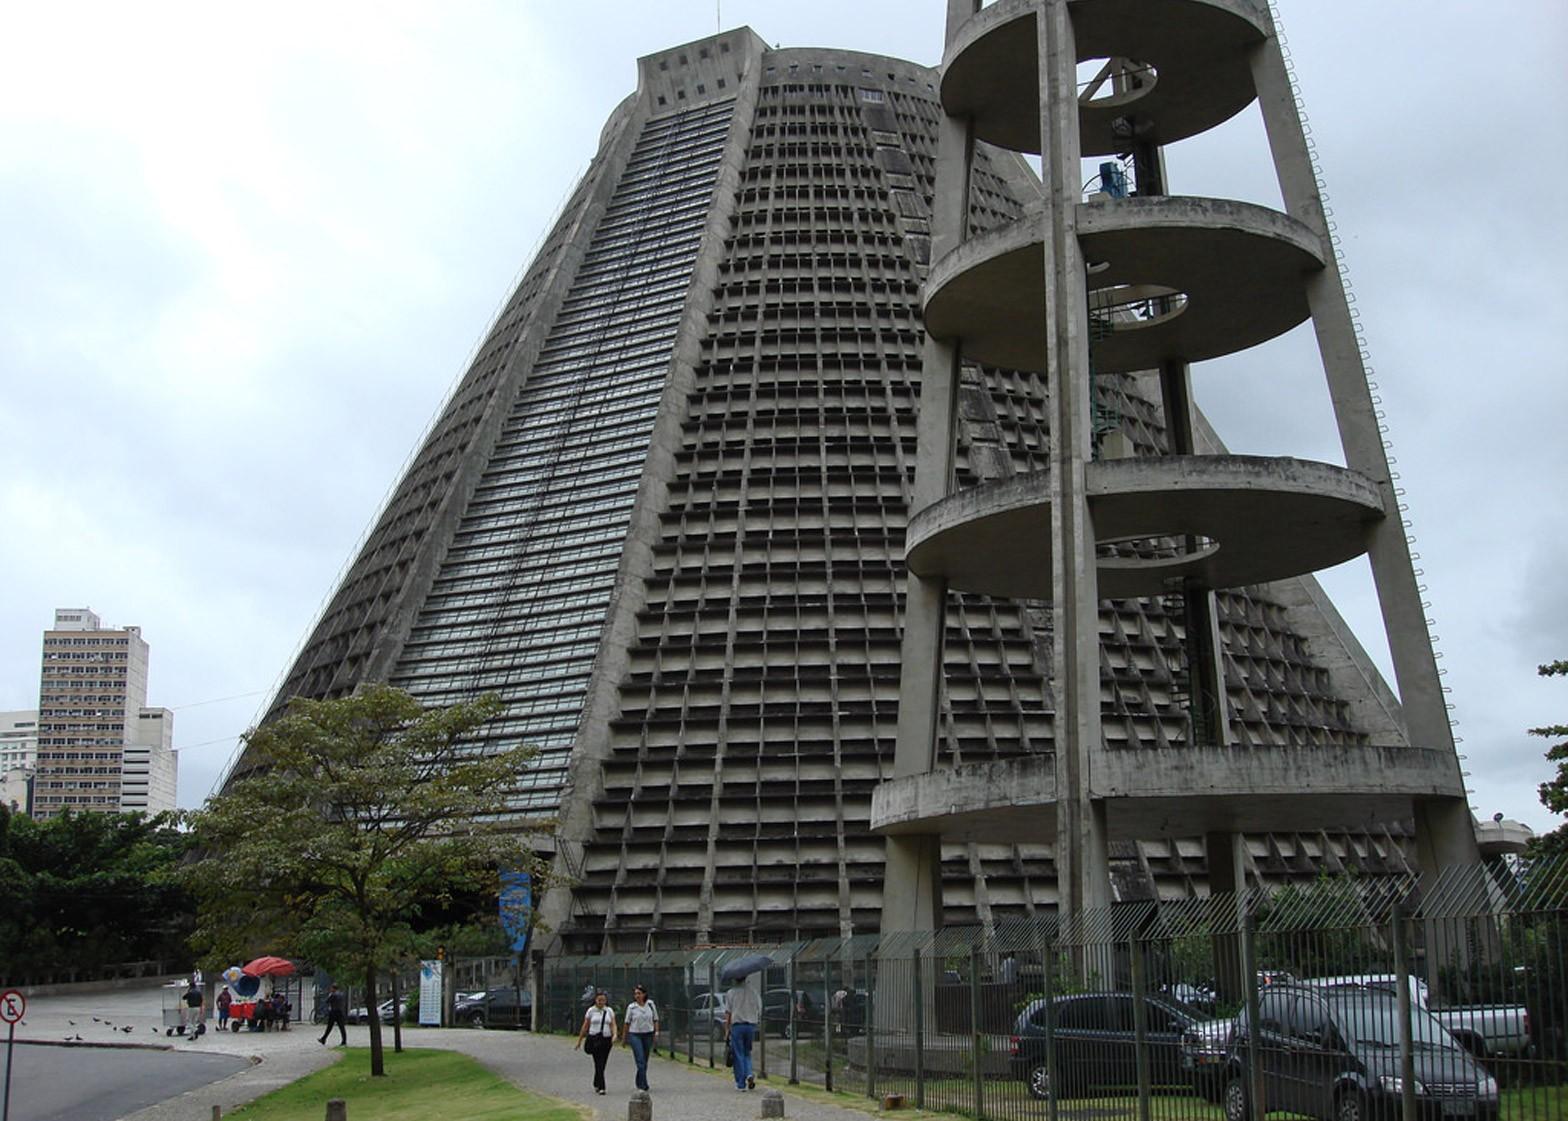 Catedral Metropolitana de São Sebastião do Rio de Janeiro by Edgar Fonceca, 1976